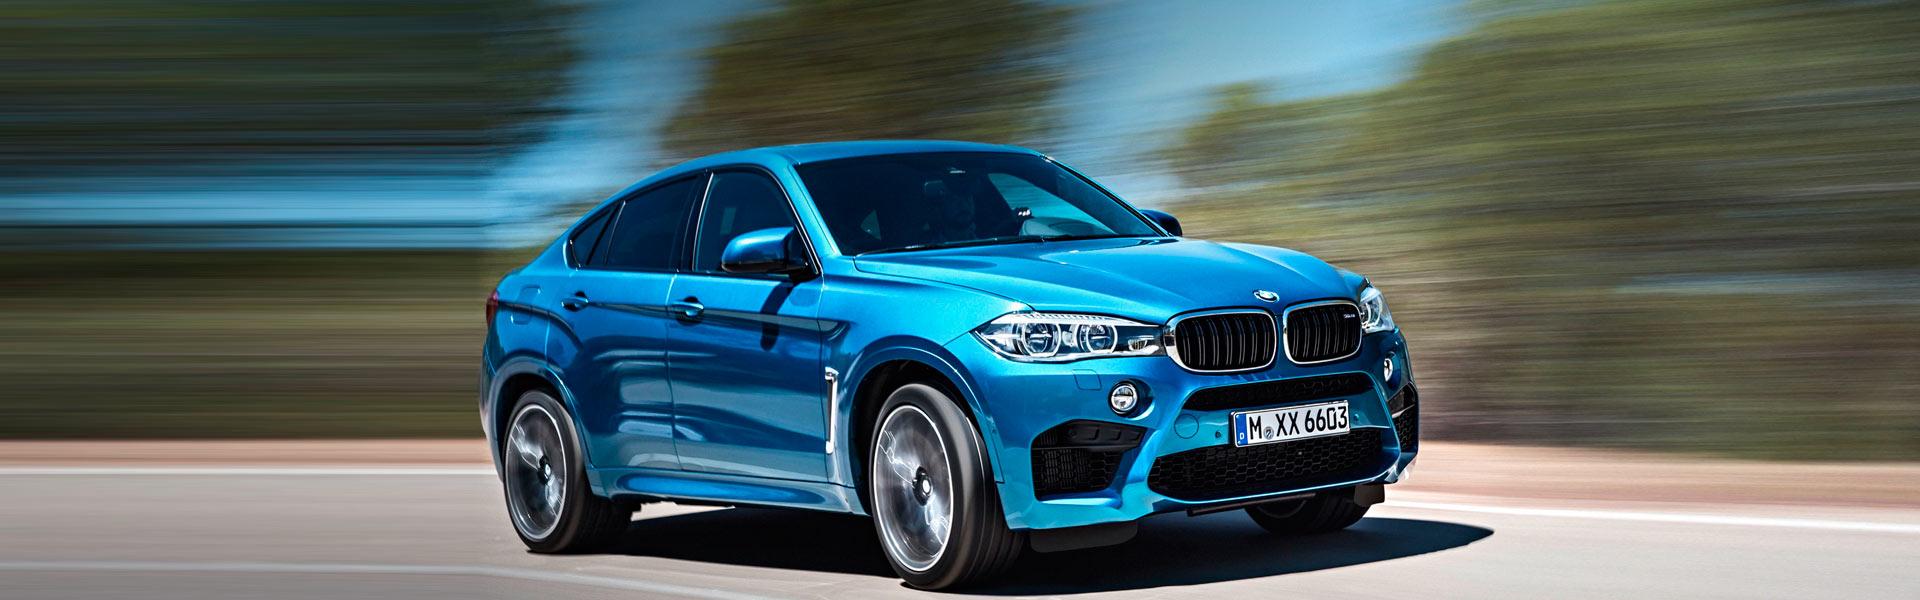 Насос водяной на BMW X6